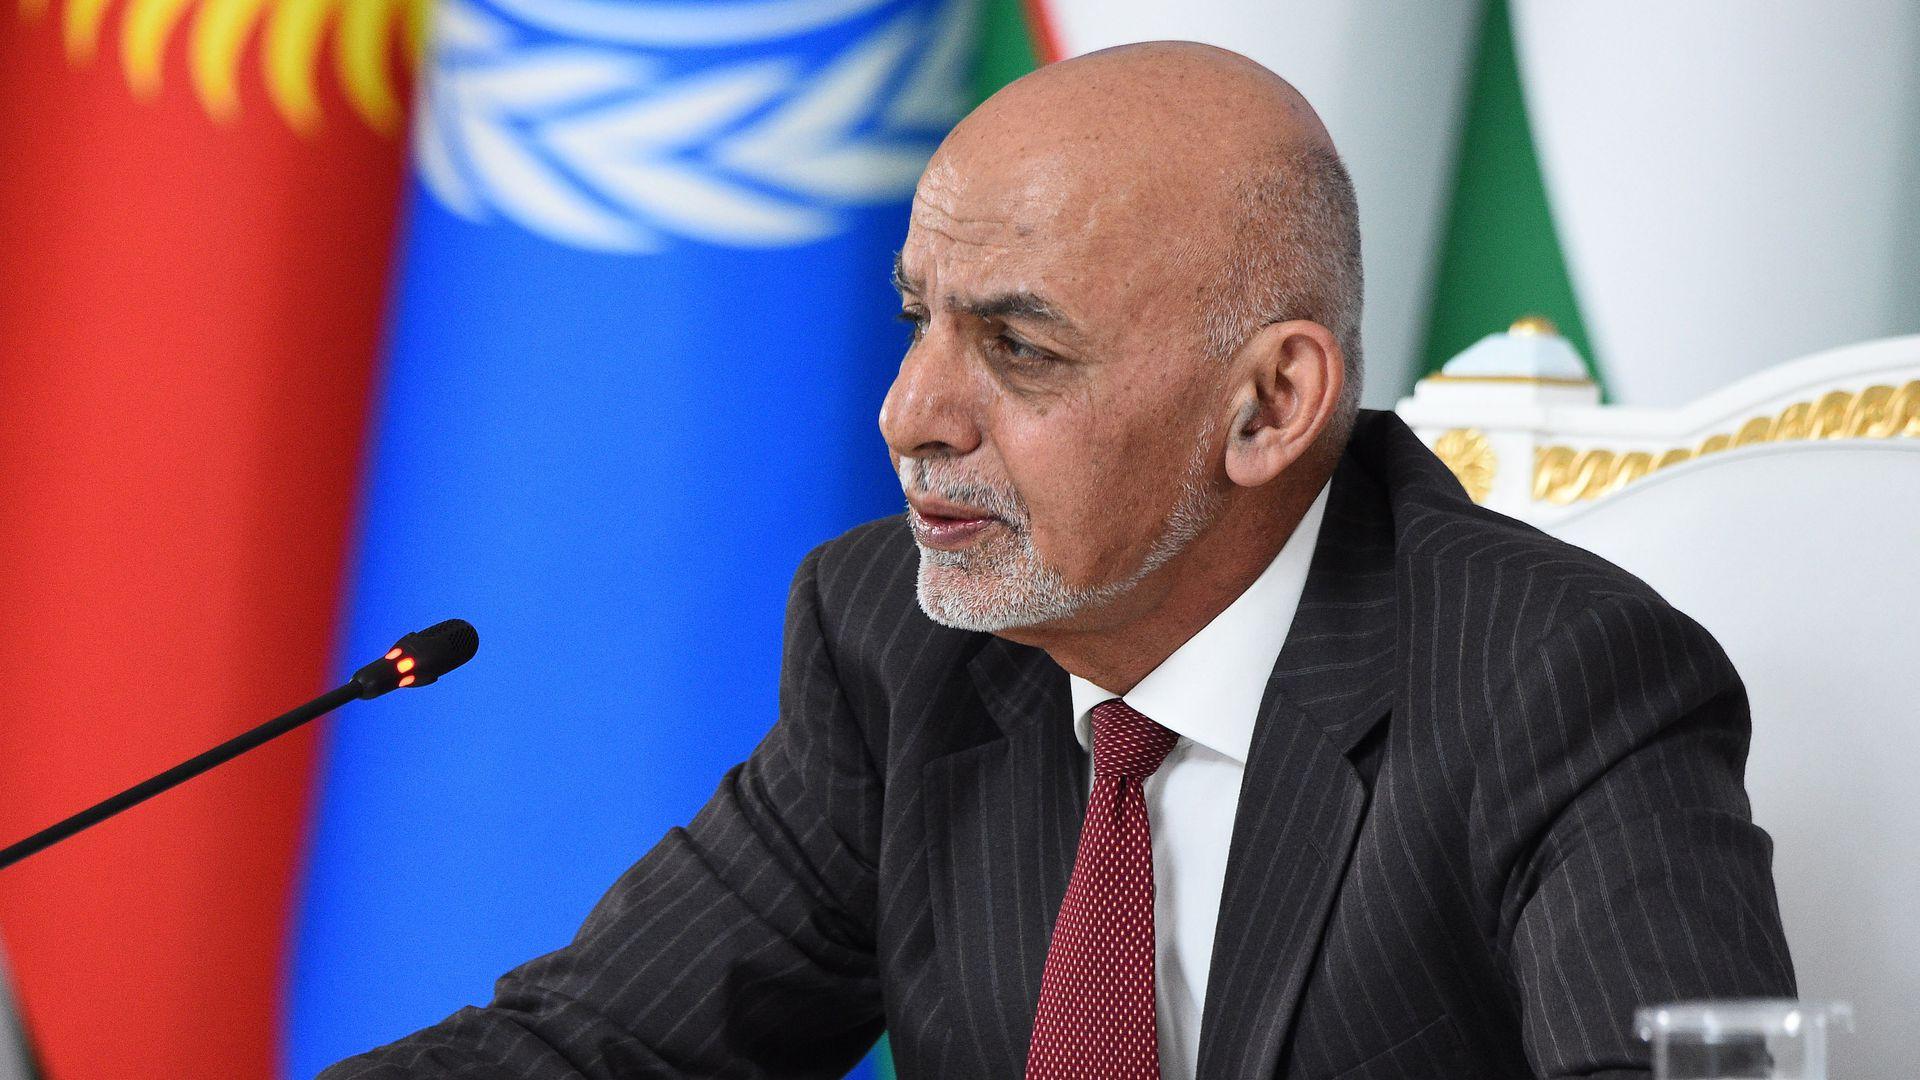 अफगानिस्तानका राष्ट्रपति घानीले छोडे देश